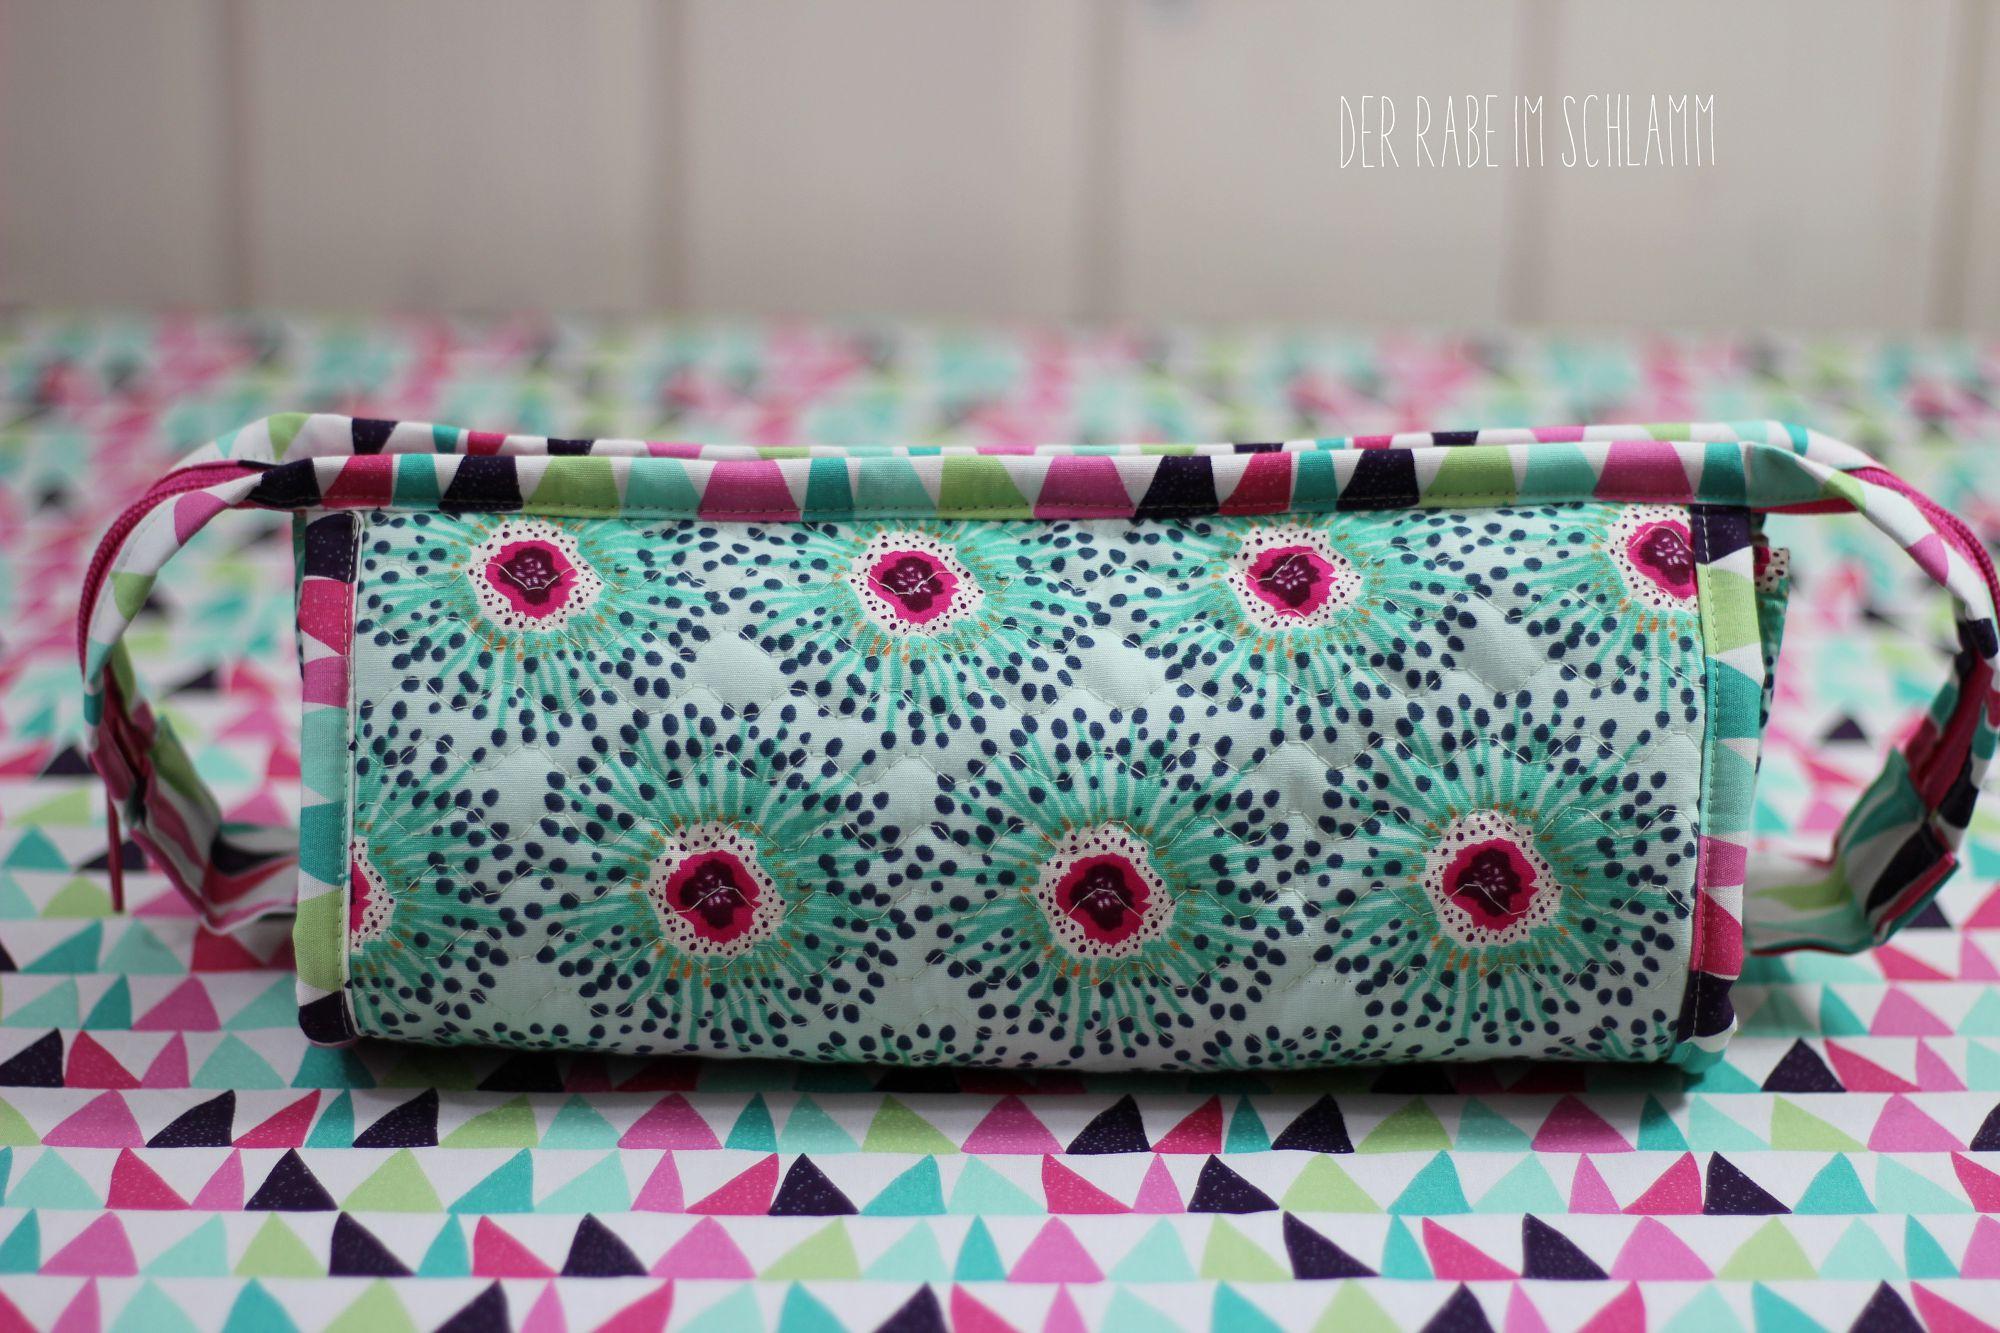 Sew Together Bag, Der Rabe im Schlamm, Nähen, Taschen